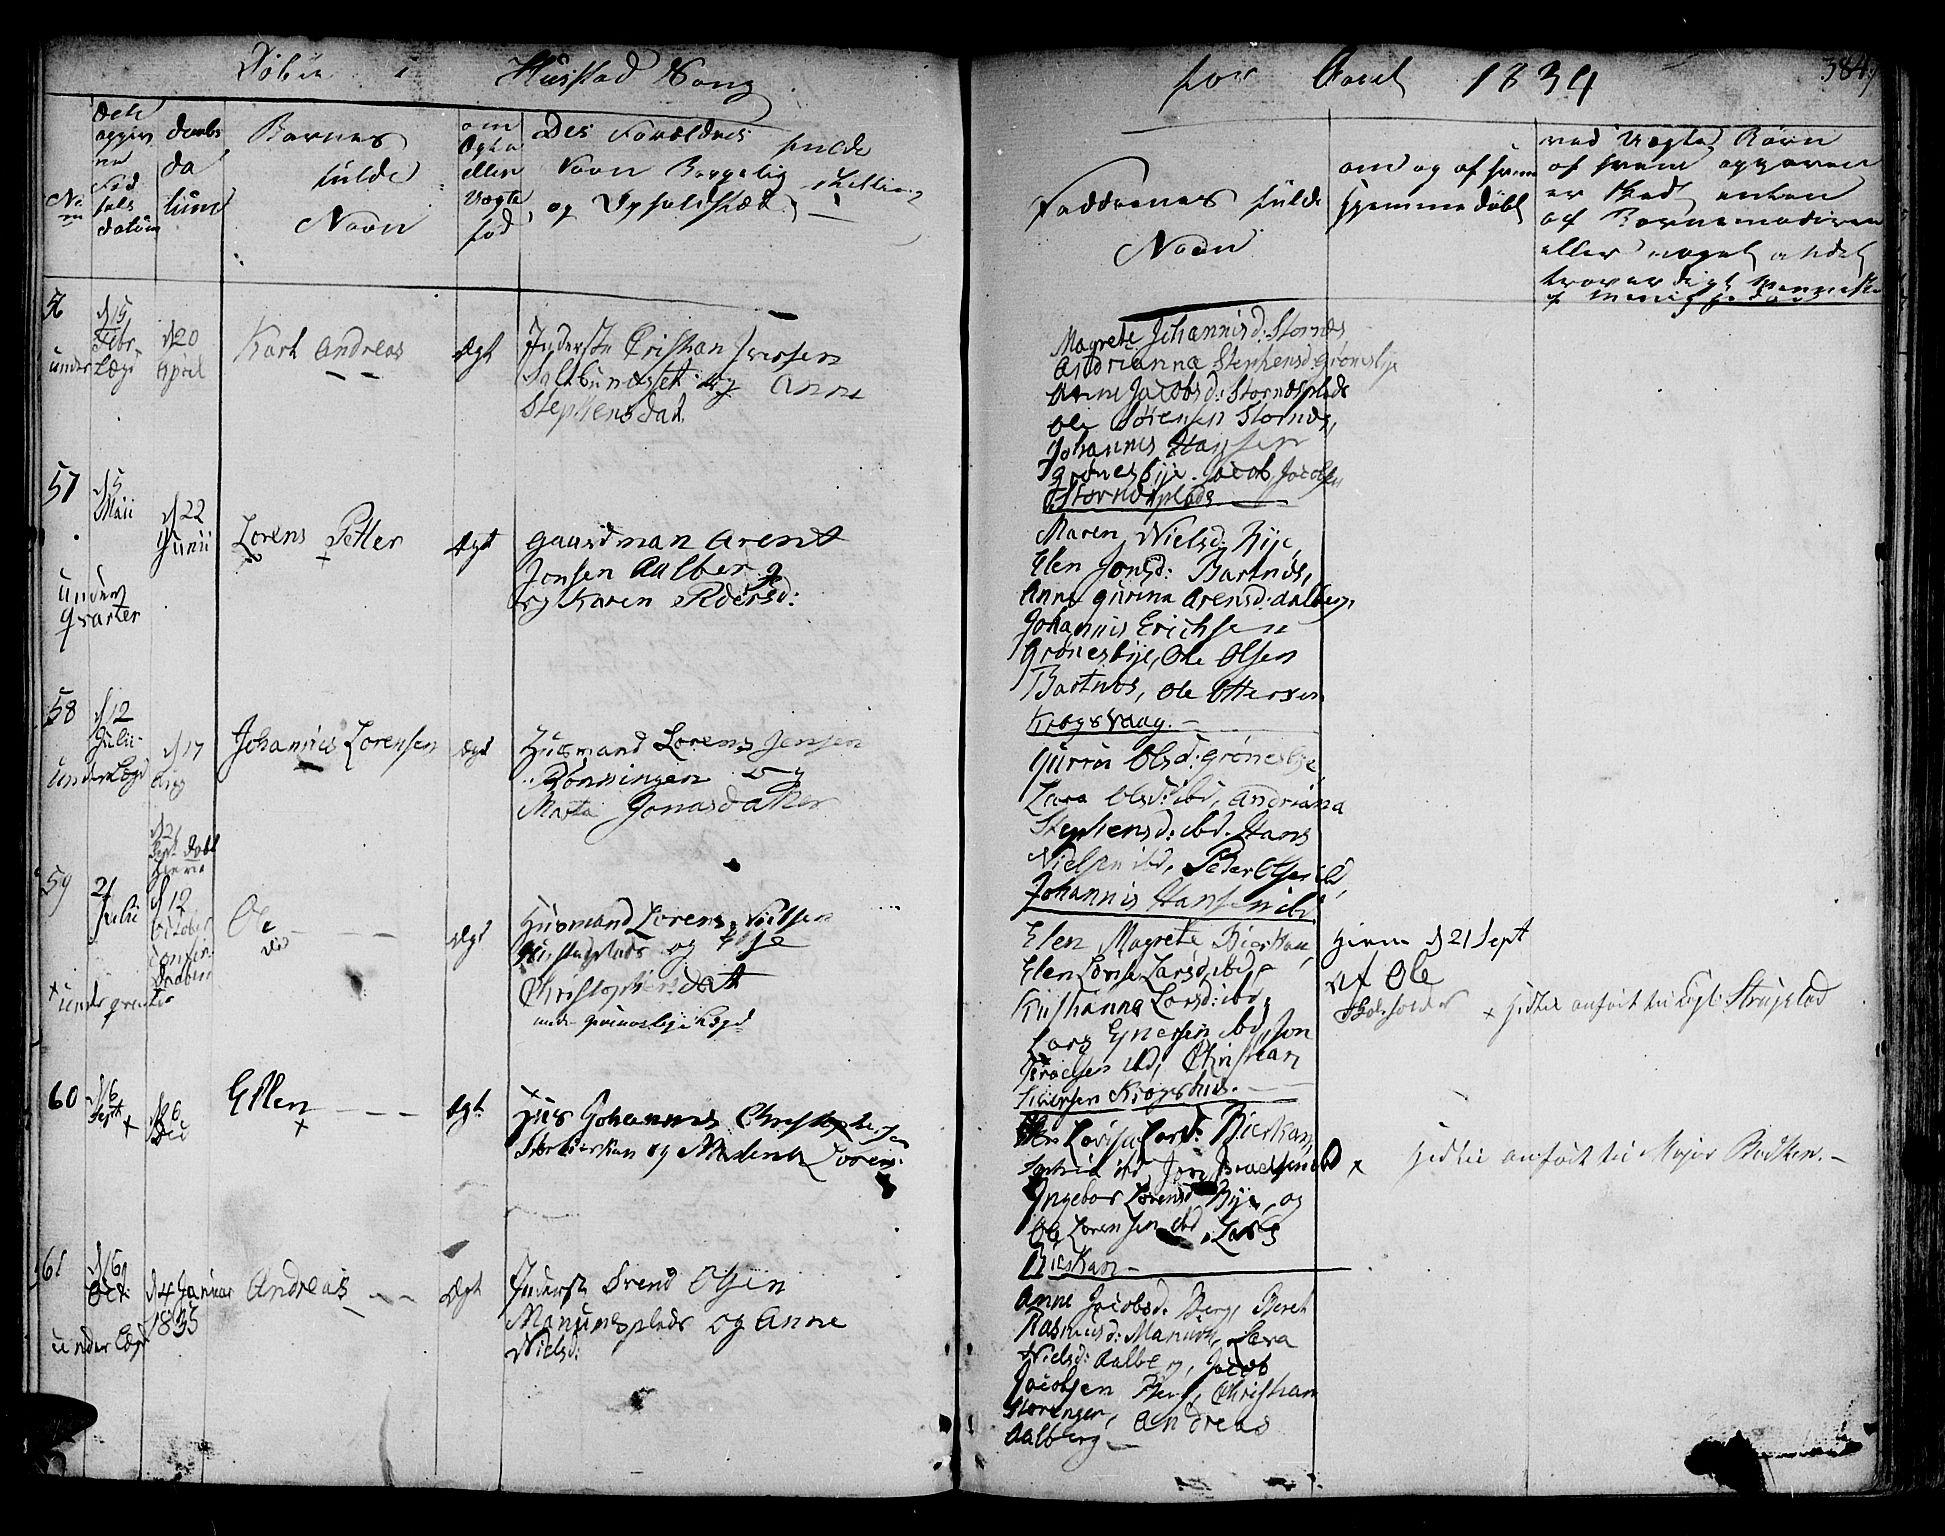 SAT, Ministerialprotokoller, klokkerbøker og fødselsregistre - Nord-Trøndelag, 730/L0277: Ministerialbok nr. 730A06 /3, 1830-1839, s. 384